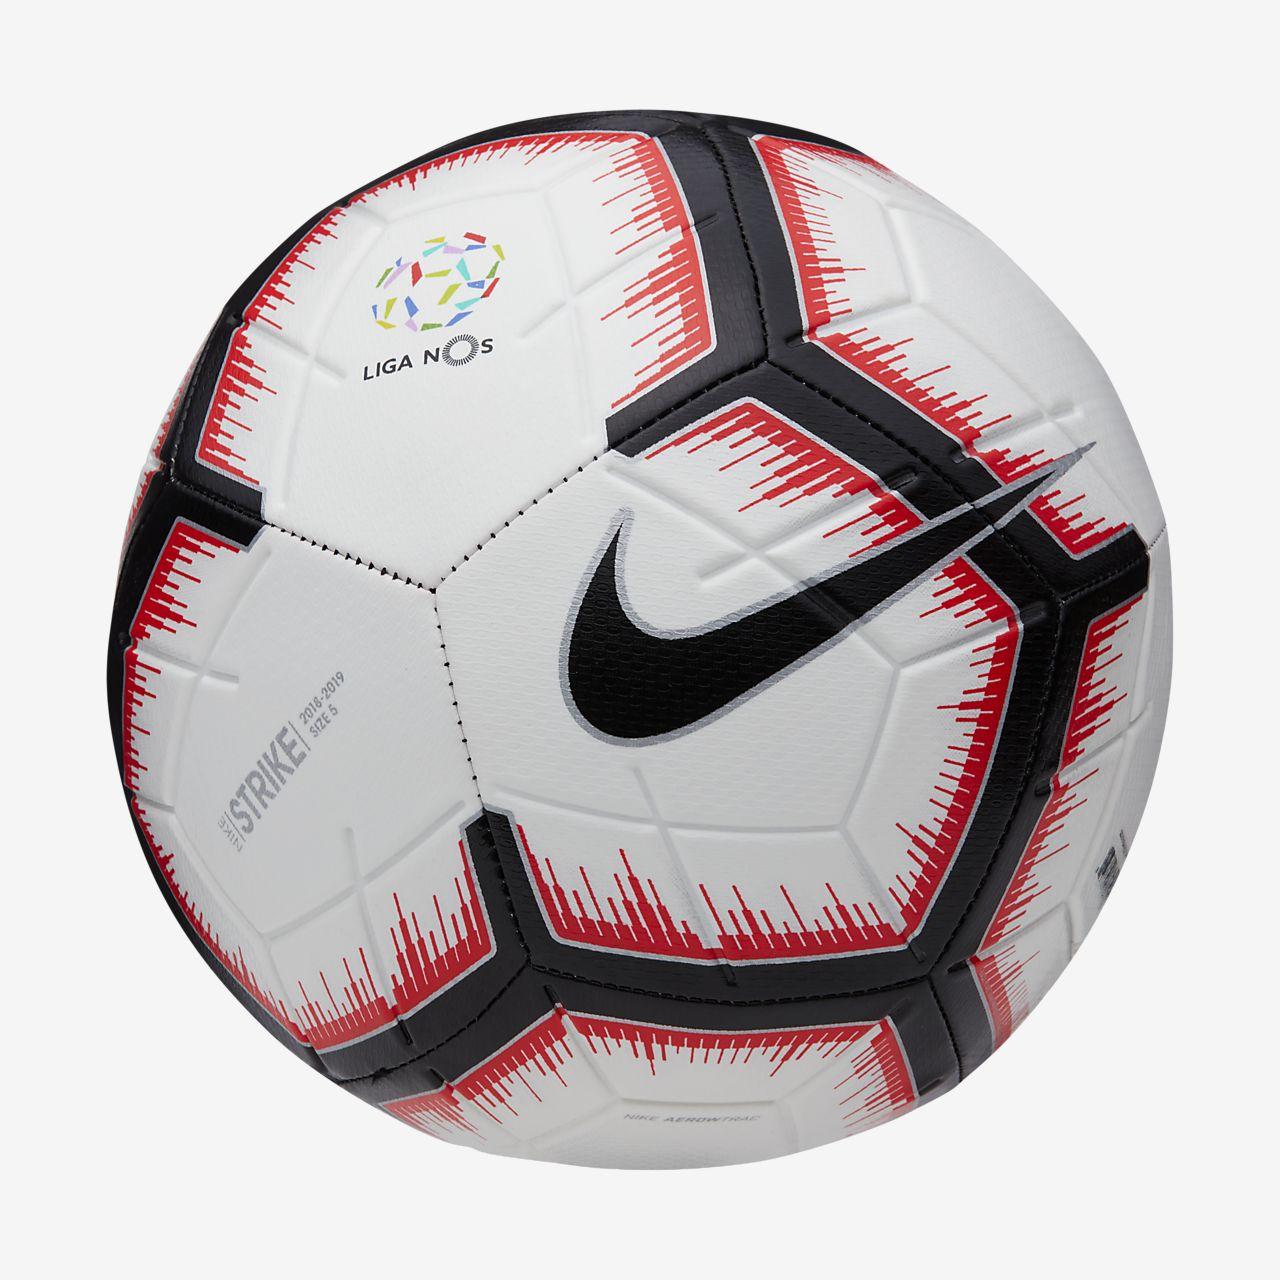 Ballon de football Liga NOS Strike